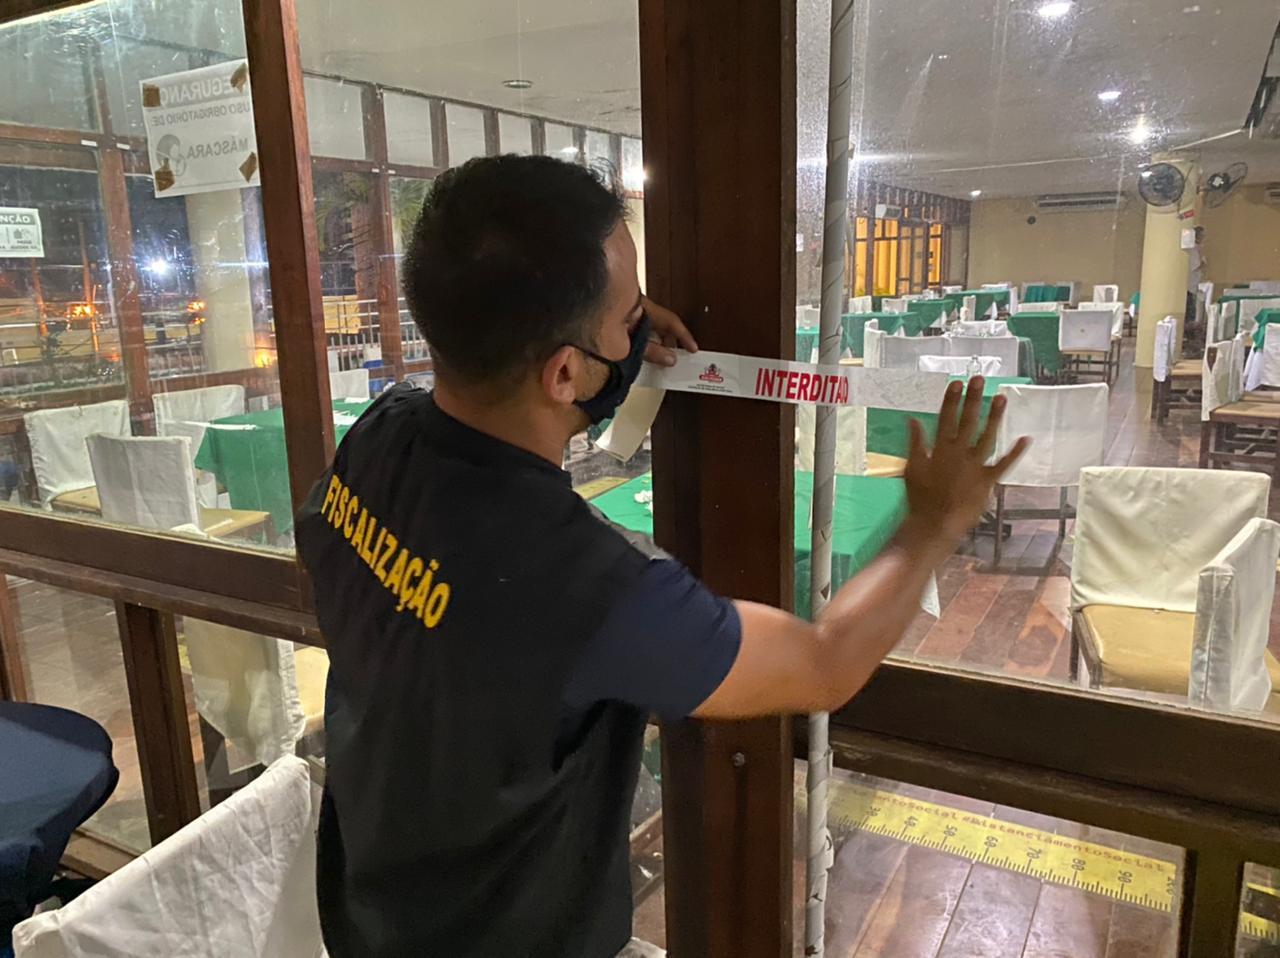 WhatsApp Image 2021 06 04 at 22.09.32 - Boate Clube Cabo Branco é interditada após jantar dançante, em João Pessoa - VEJA VÍDEO